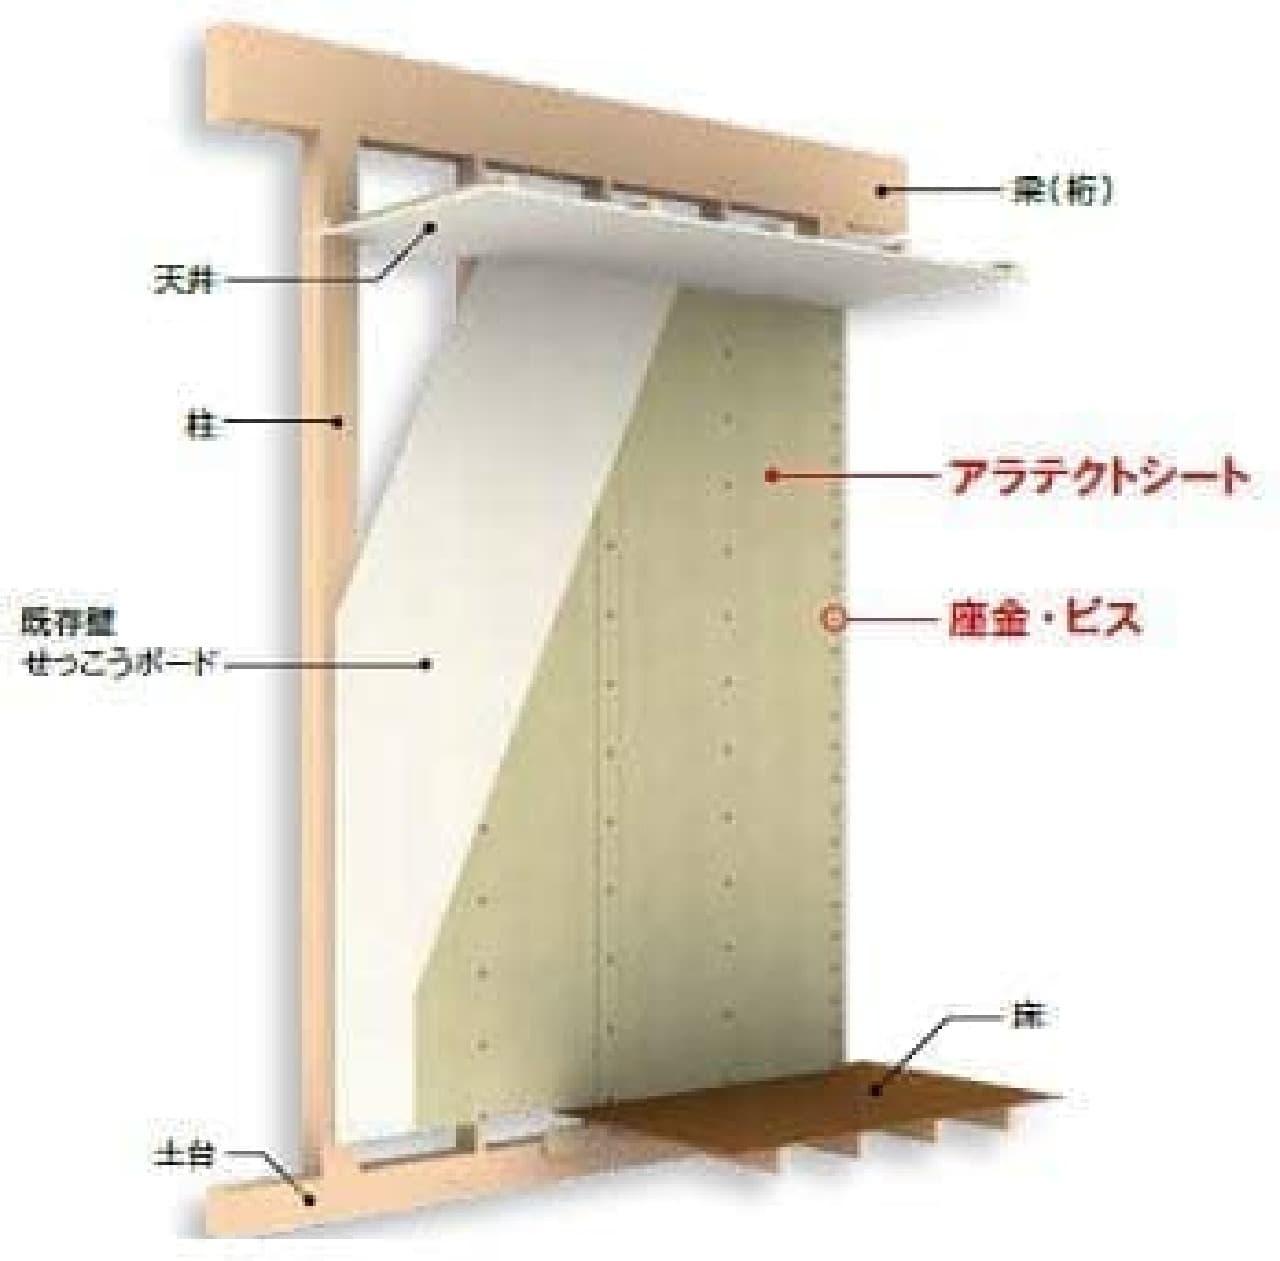 柱にせっこうボードを直張りした大壁の場合の施工例